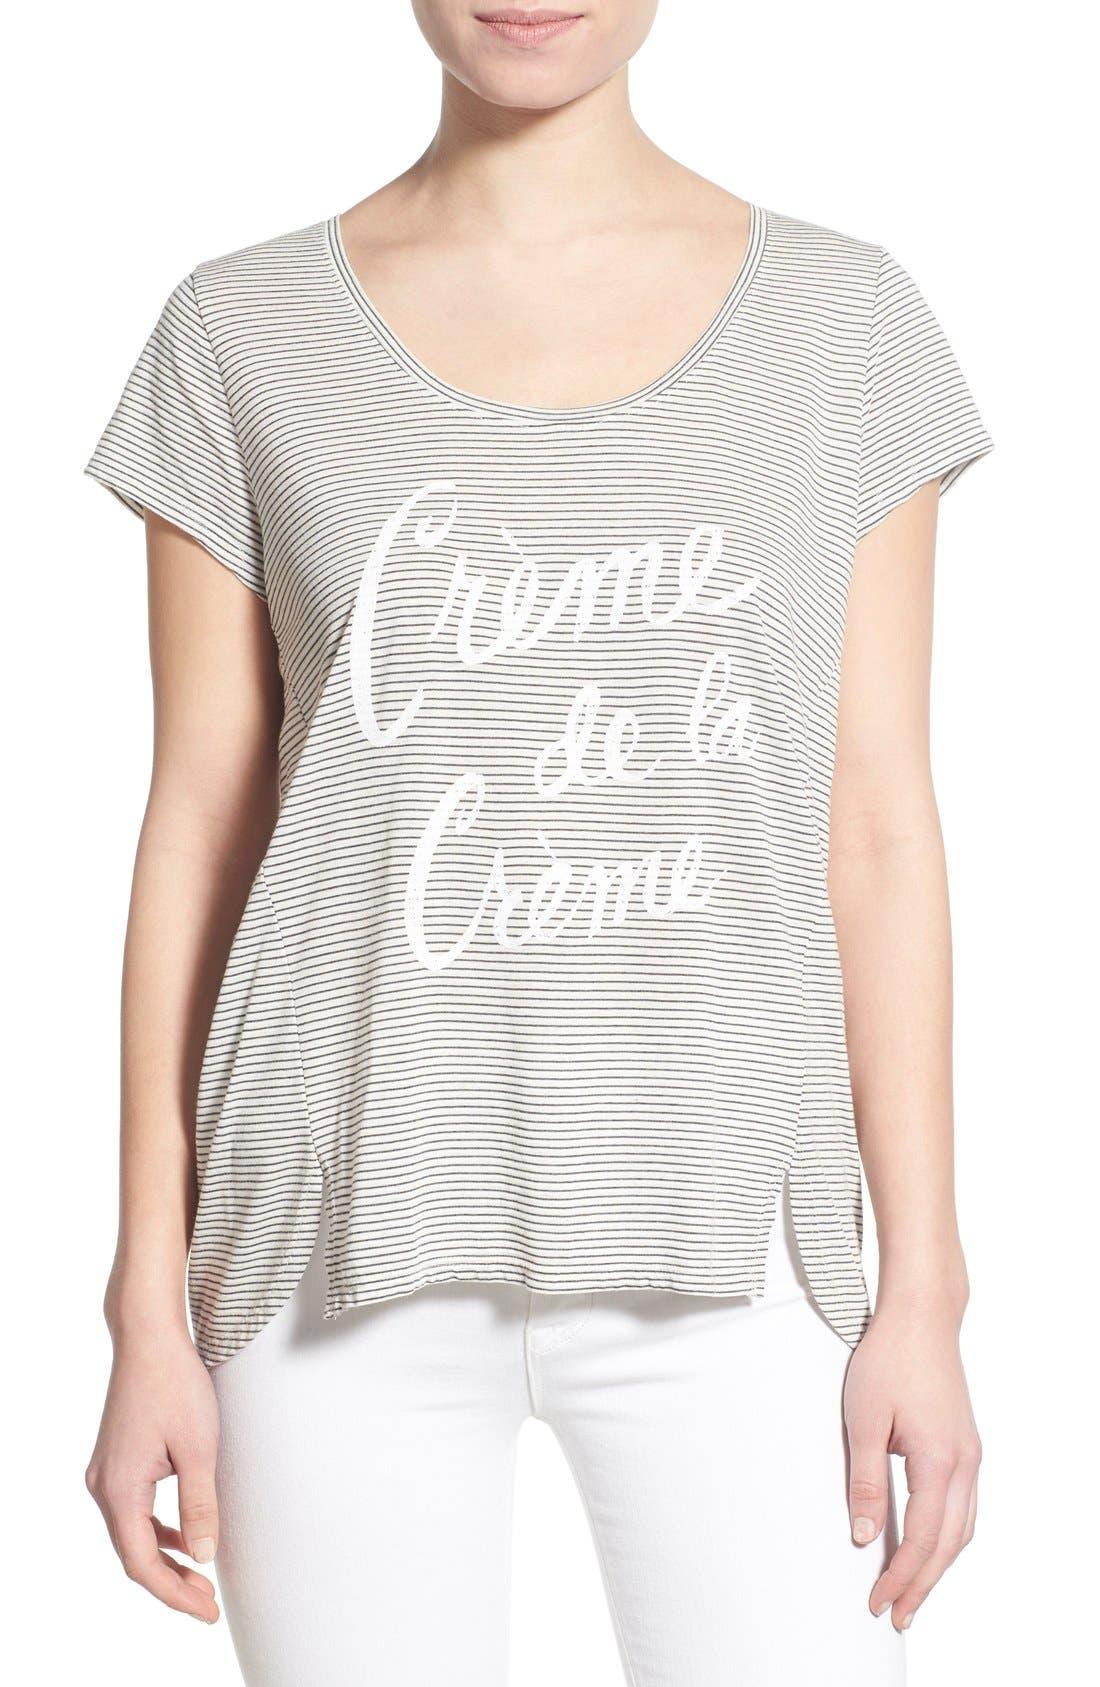 Alternate Image 1 Selected - Sol Angeles 'Crème de la Crème' Stripe Tee